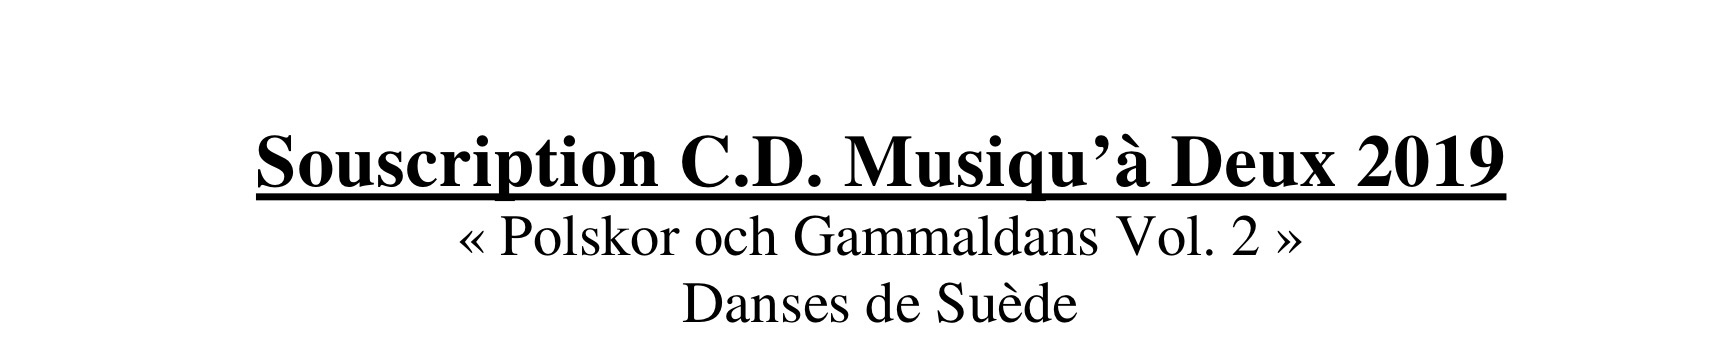 Souscription CD Suède Vol.2 2019 Musiqu'à Deux